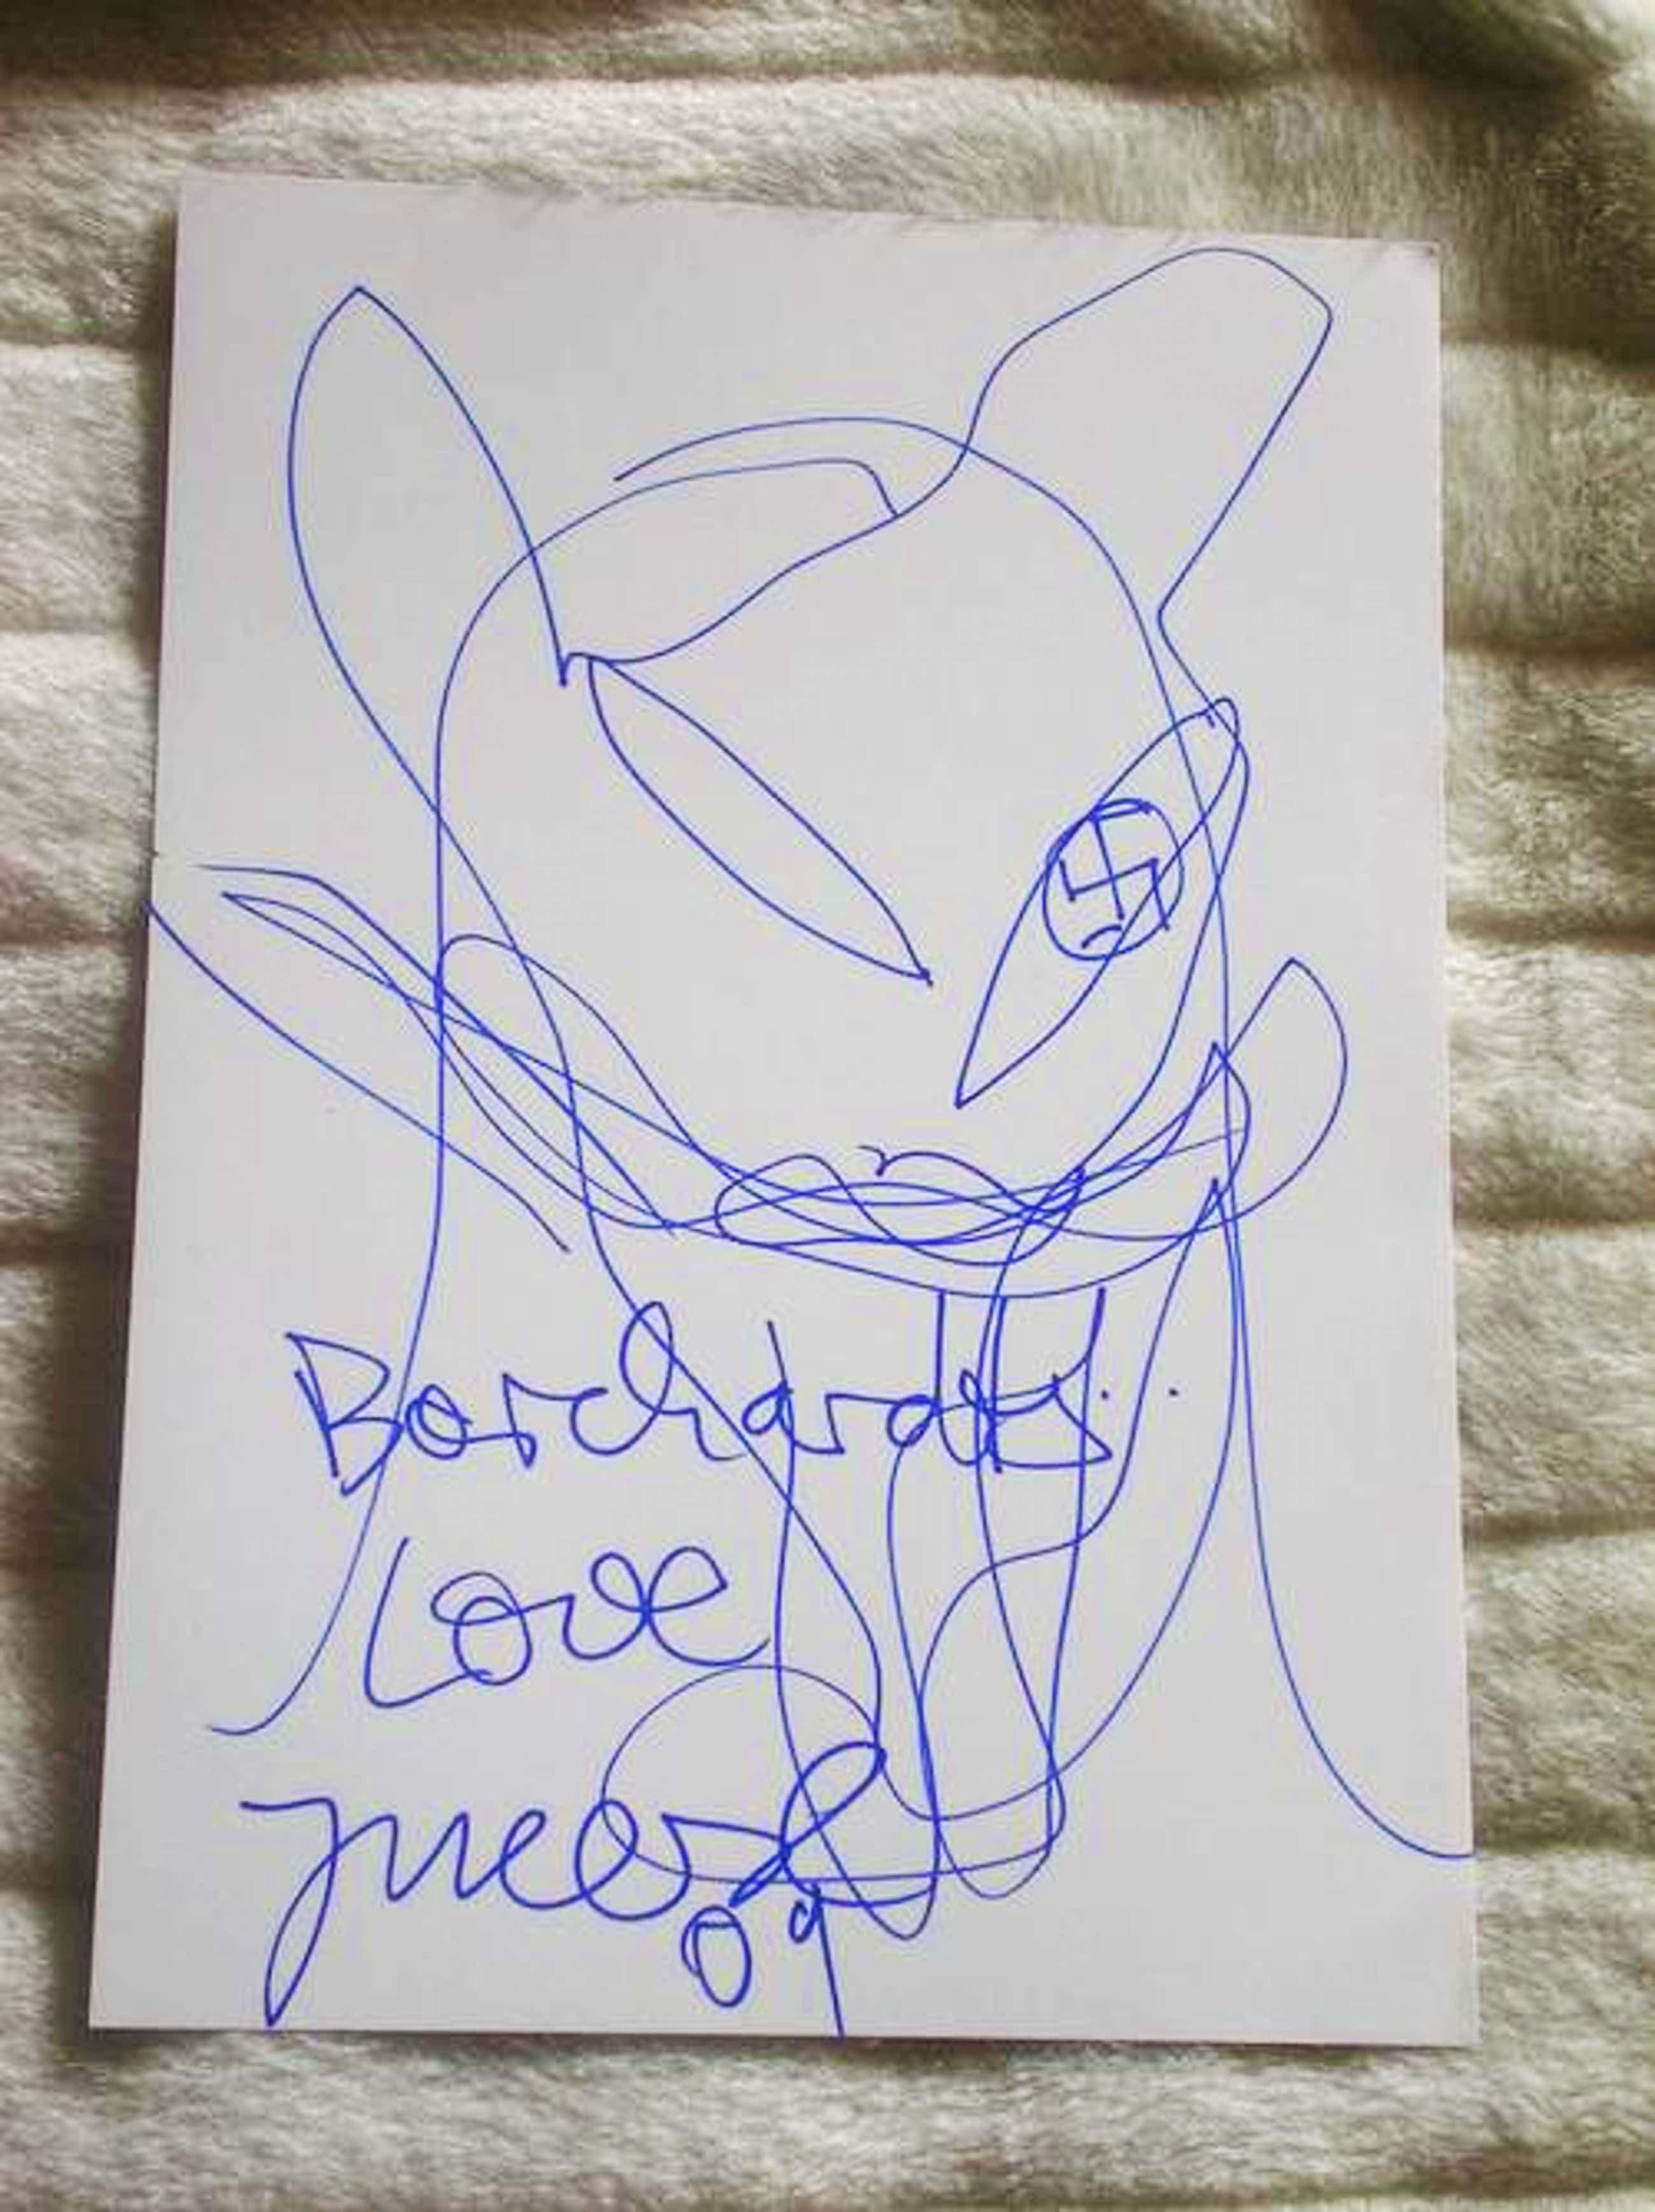 """Jonathan Meese - """"Borcharts Love"""", Orginalzeichung, handsigniert und datiert kopen? Bied vanaf 700!"""